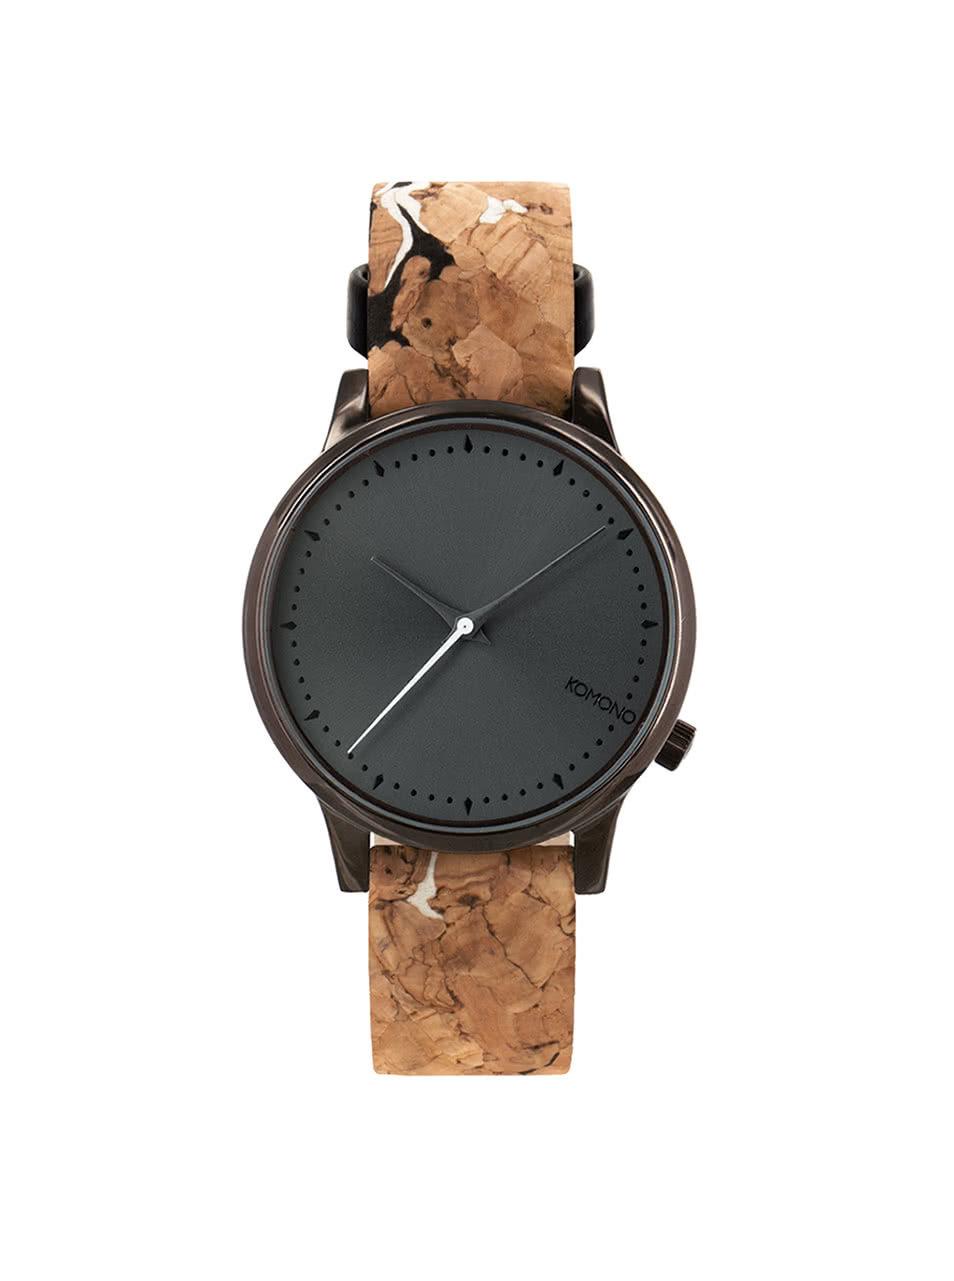 Černé dámské hodinky s hnědým korkovým páskem Komono Estelle ... 83d6e9e715